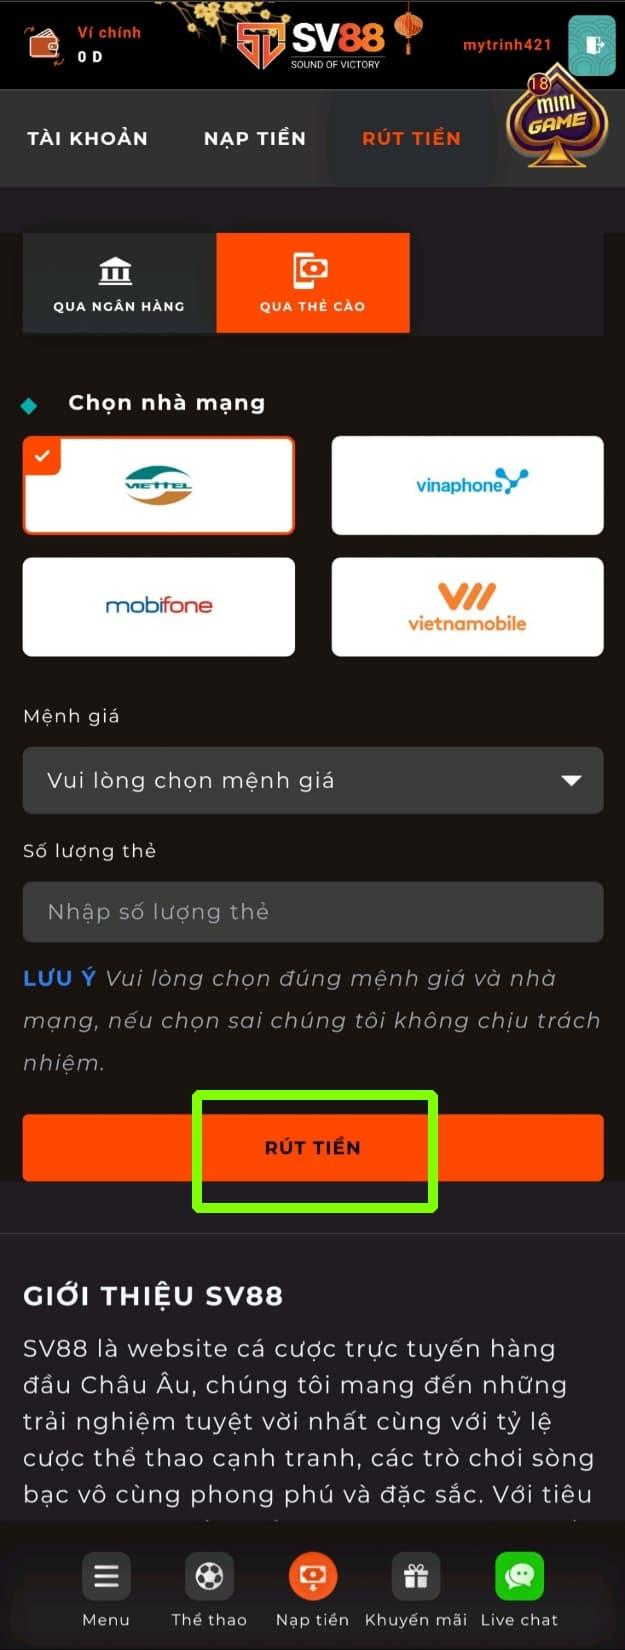 Bấm chọn XÁC NHẬN để hoàn thành quá trình rút tiền qua thẻ cào điện thoại